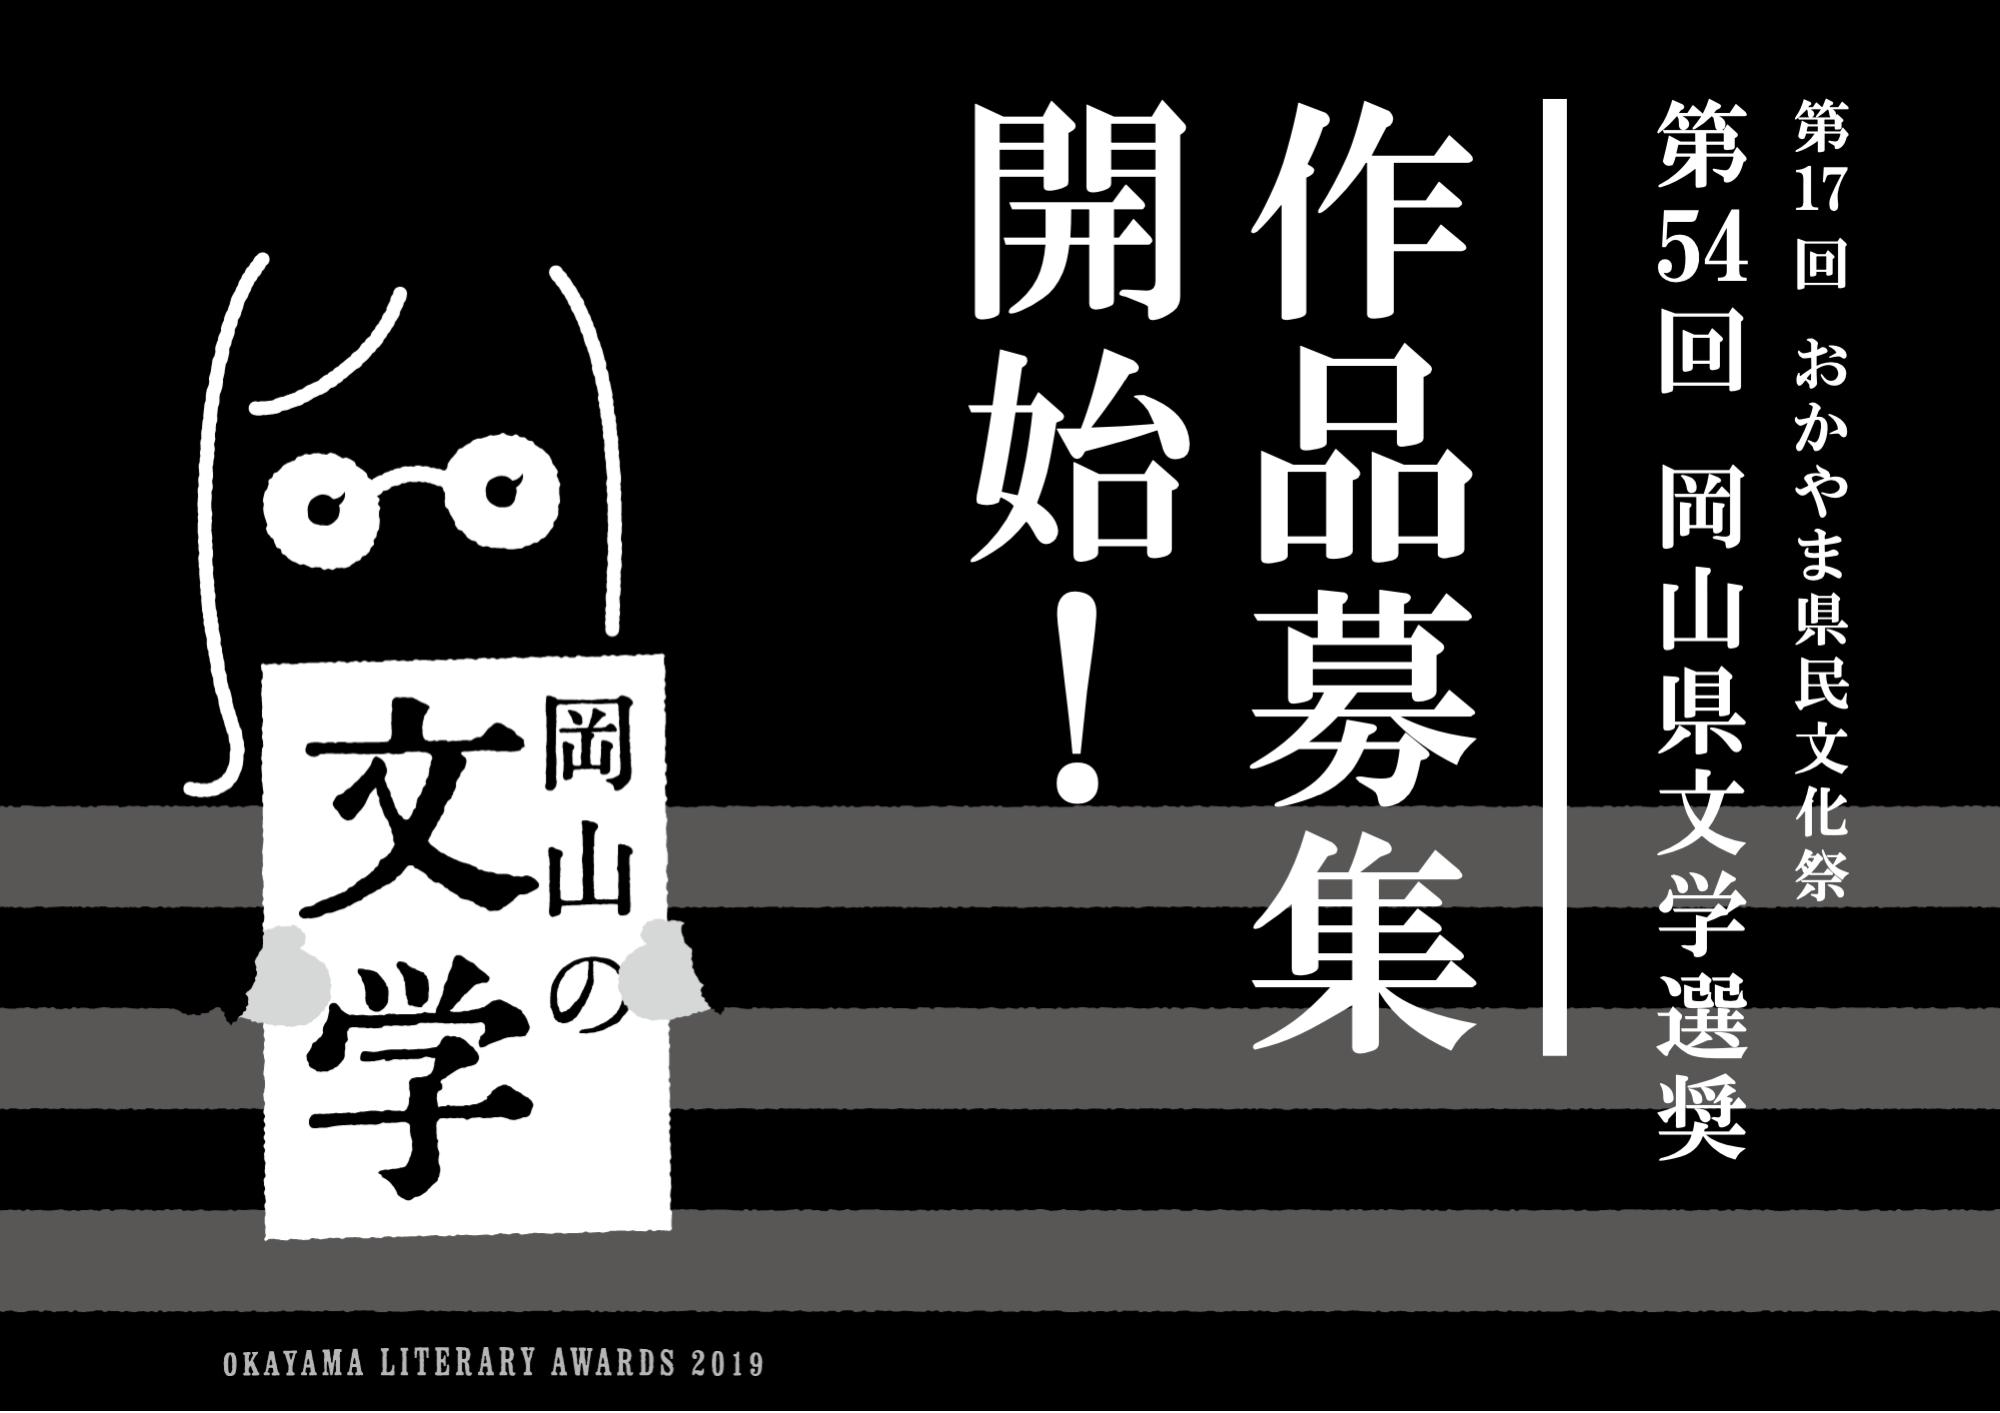 第54回 岡山県文学選奨作品募集開始!